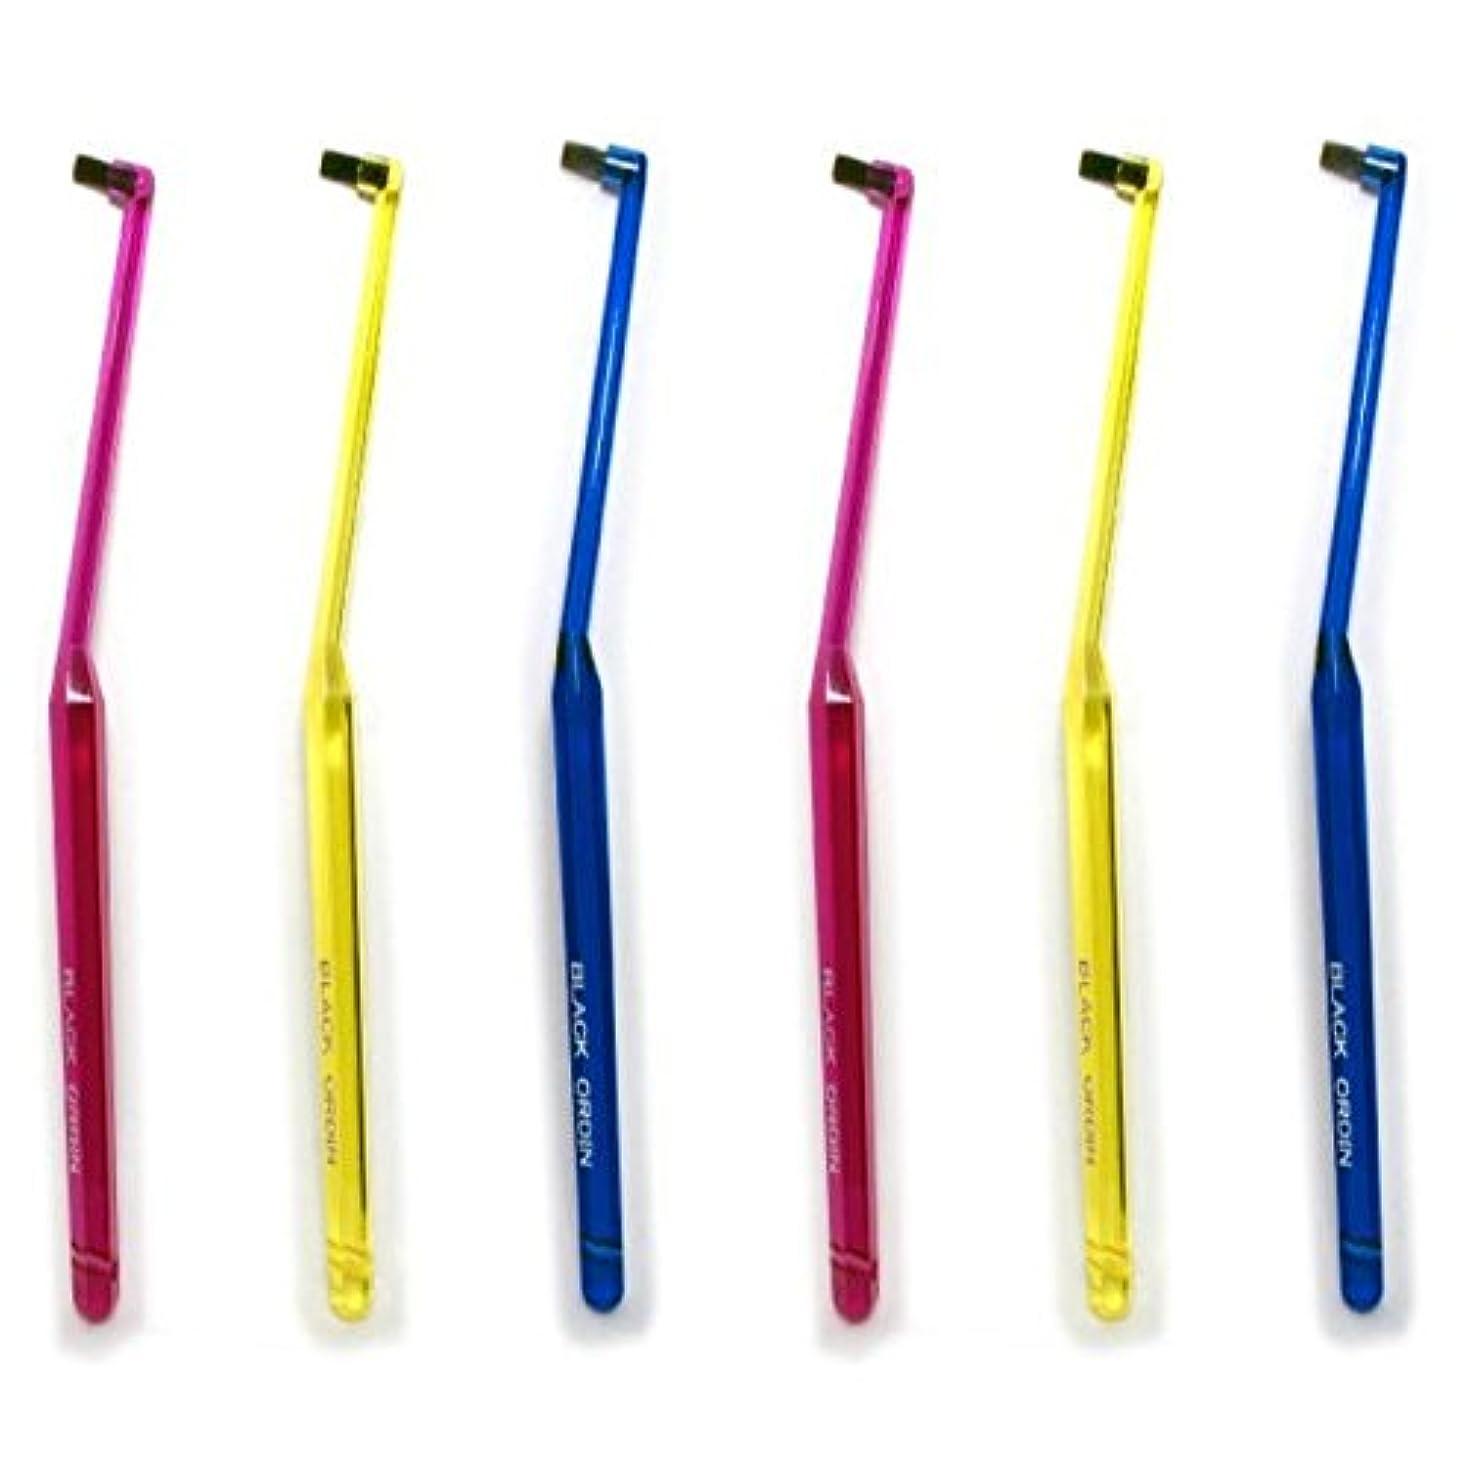 私たち平方そんなにワンタフトブラシ ブラックオーディン ワンタフト×6本セット 部分用歯ブラシ 歯磨き 歯ブラシ